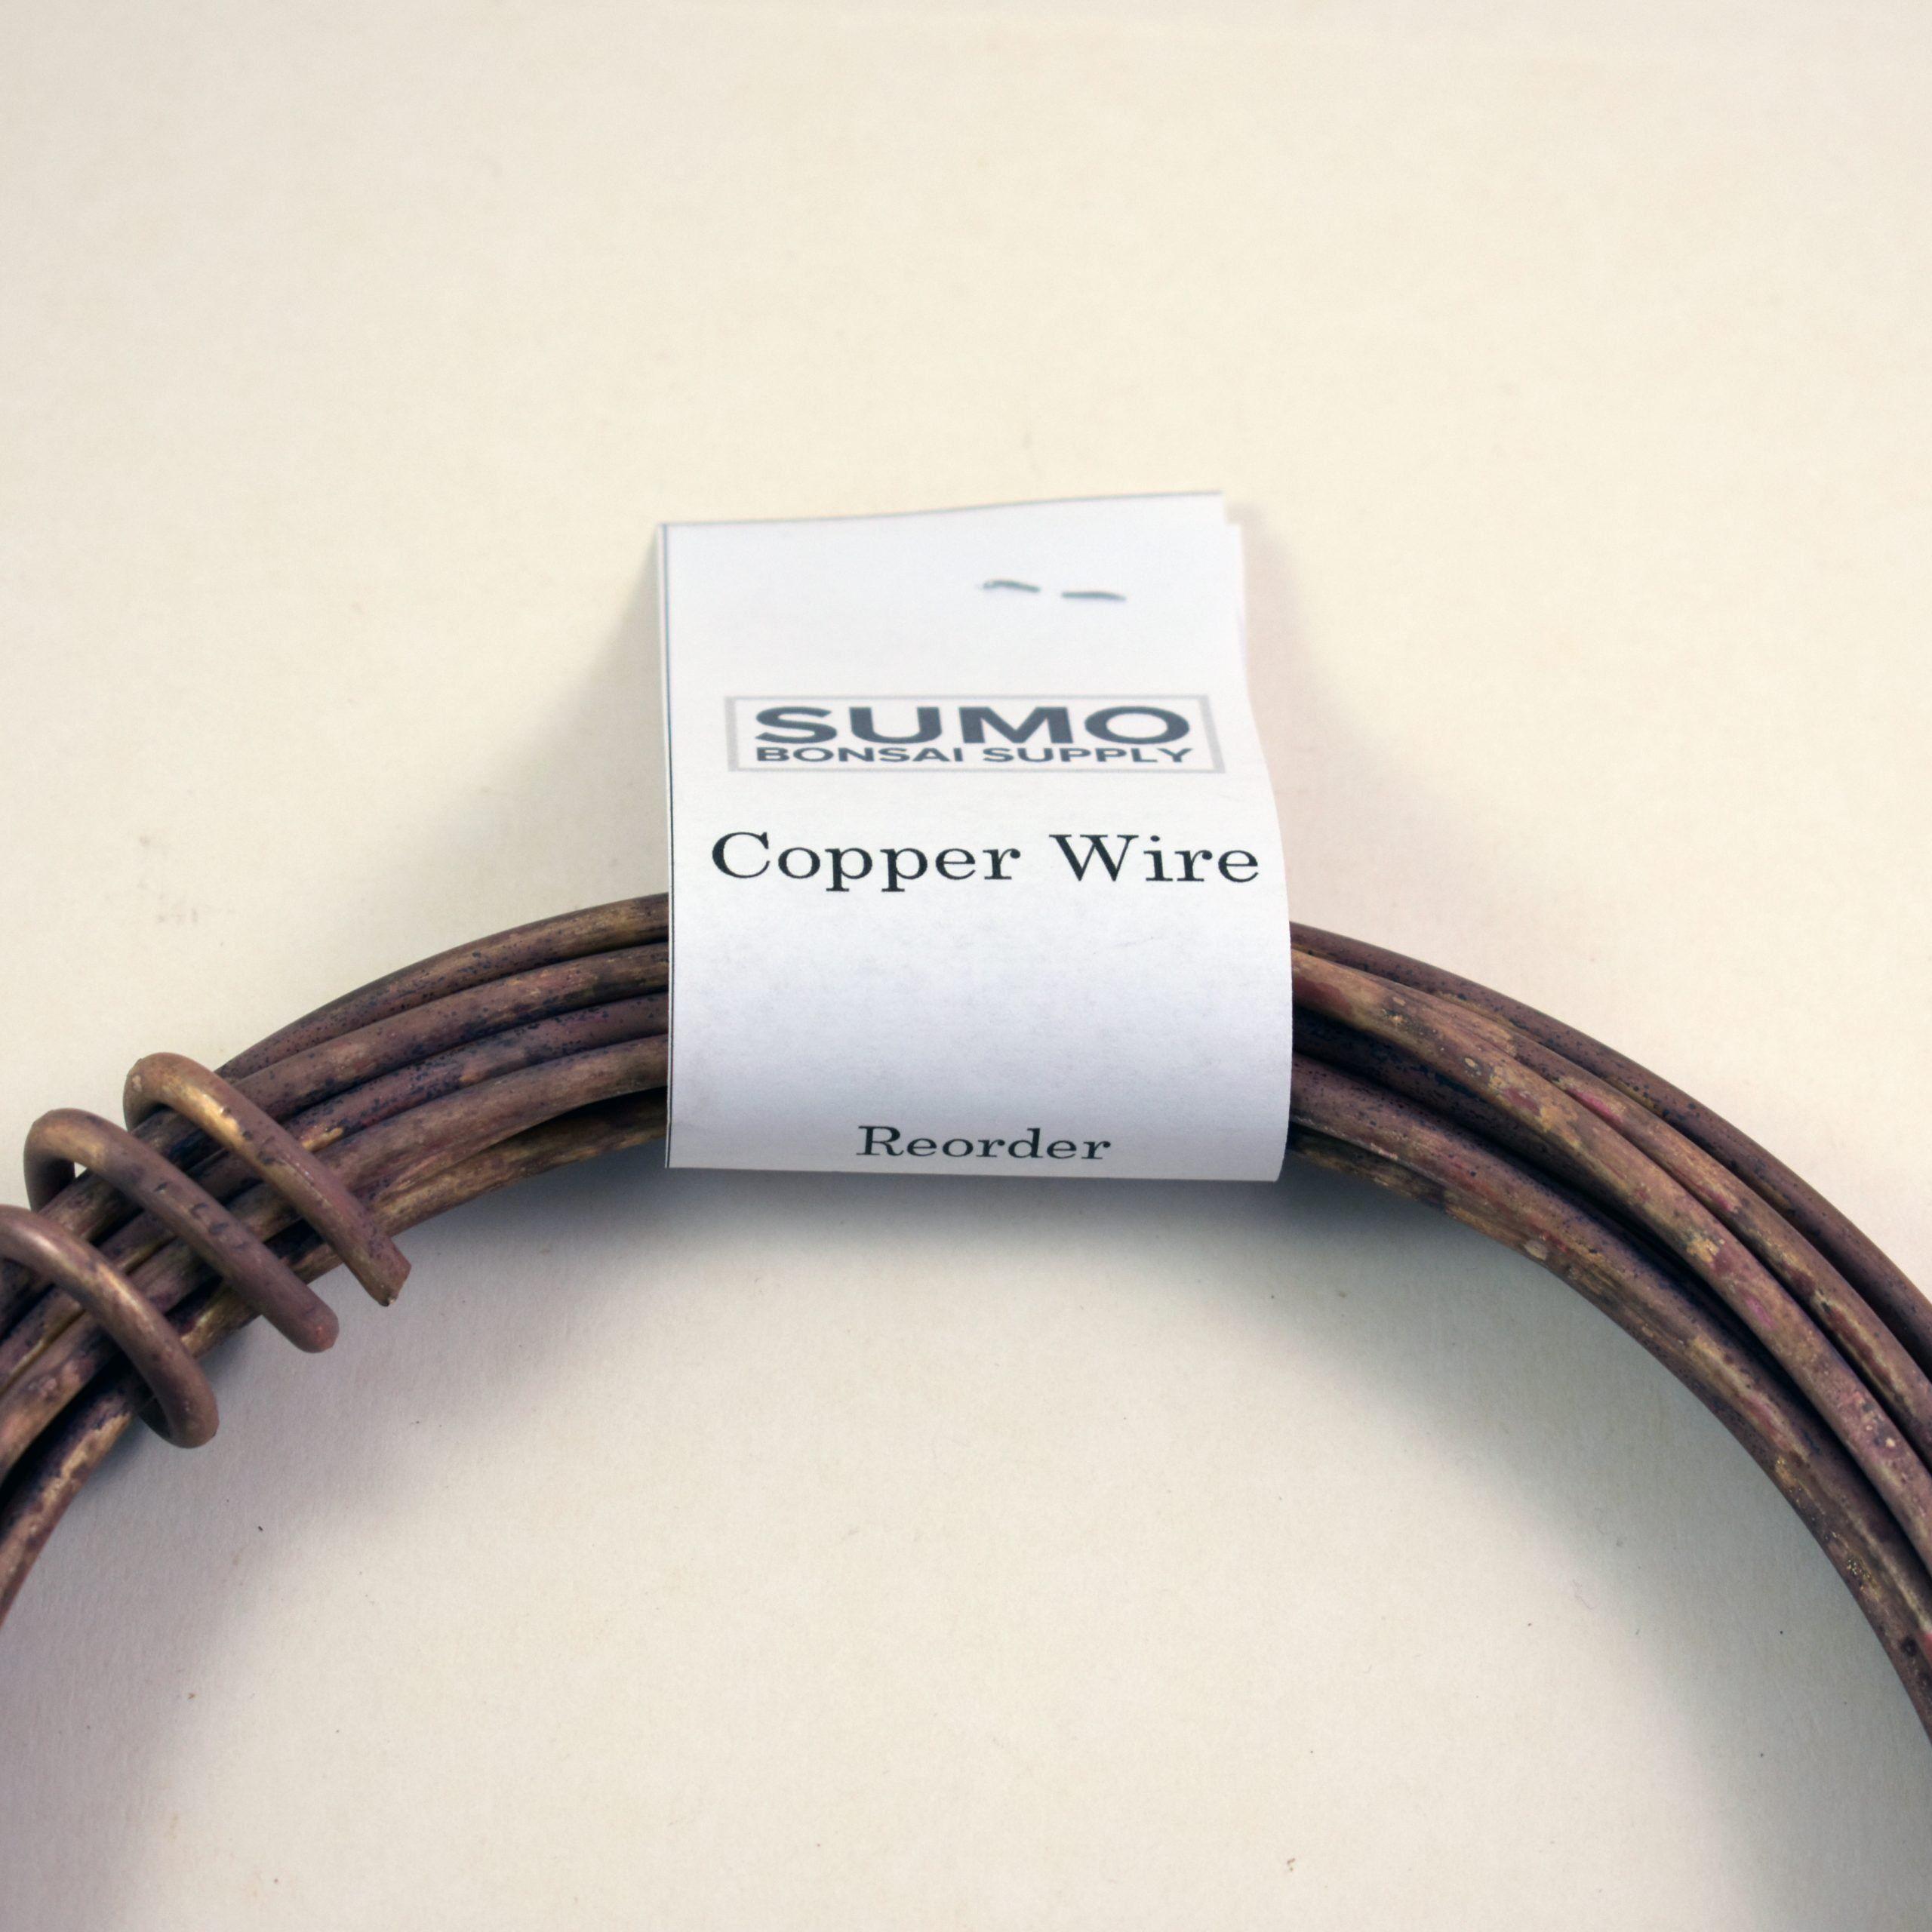 Copper Bonsai Wire Set Sumo Bonsai Supply In 2020 Bonsai Wire Bonsai Copper